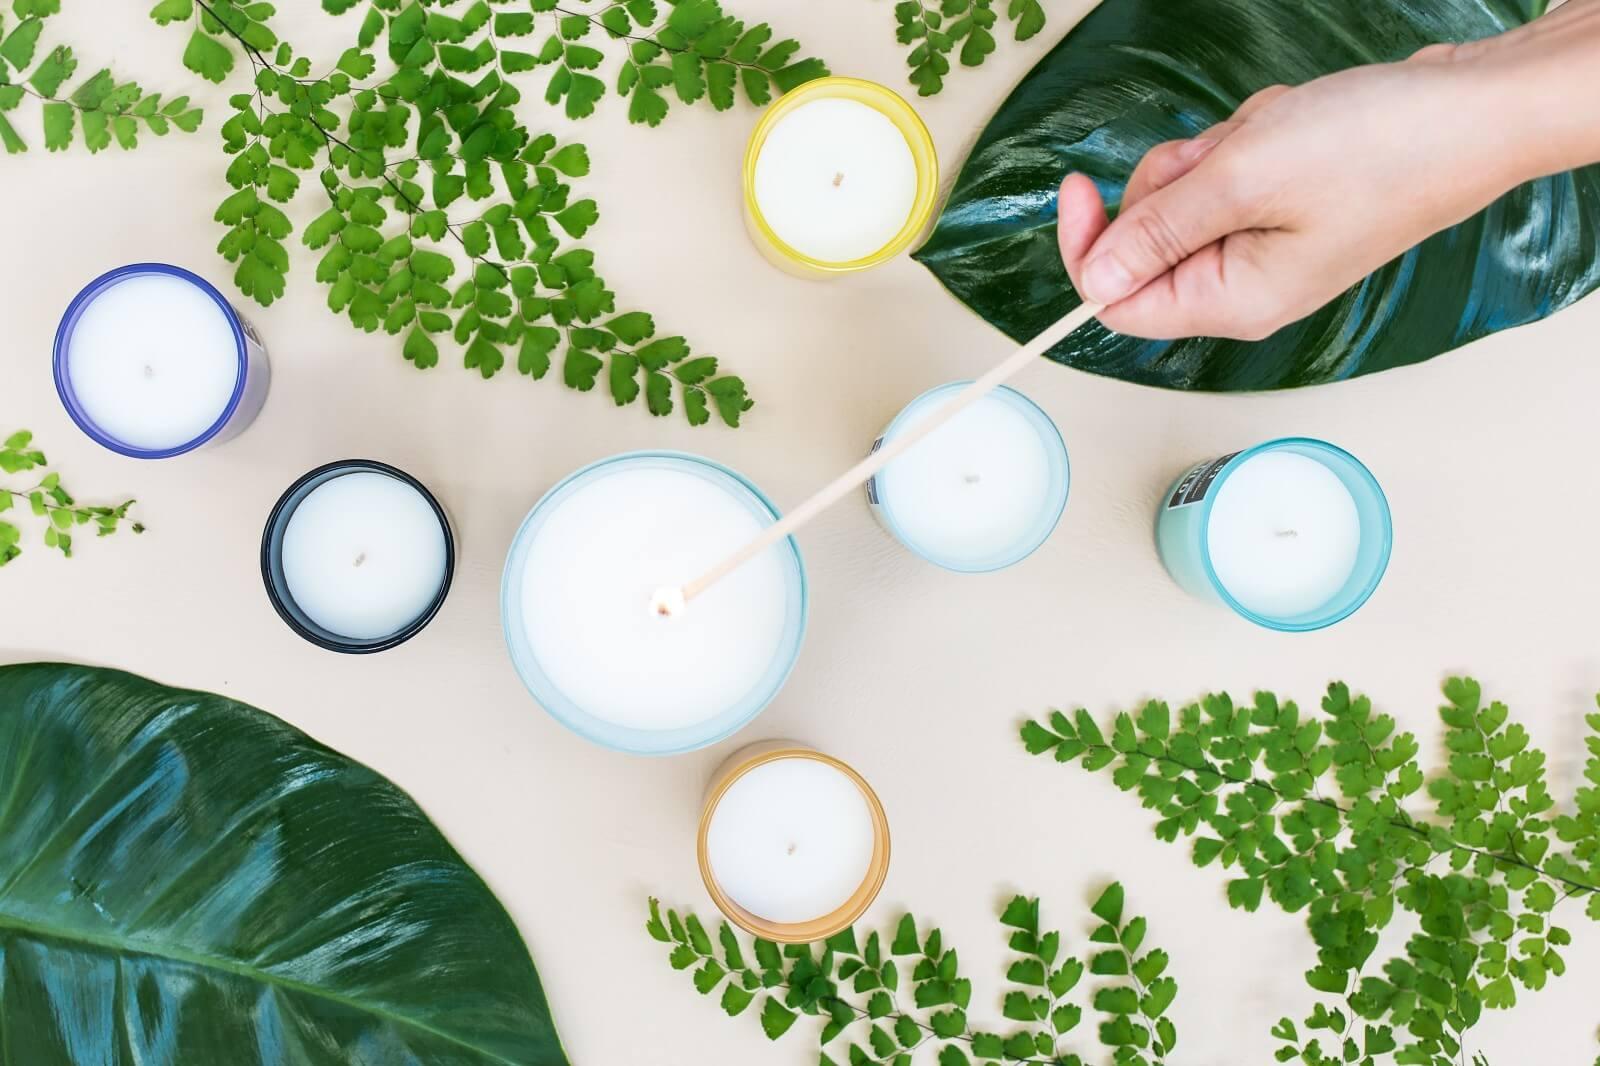 【台北蠟燭DIY課程】私藏精油乾燥花香氣,精選台北香氛蠟燭DIY體驗